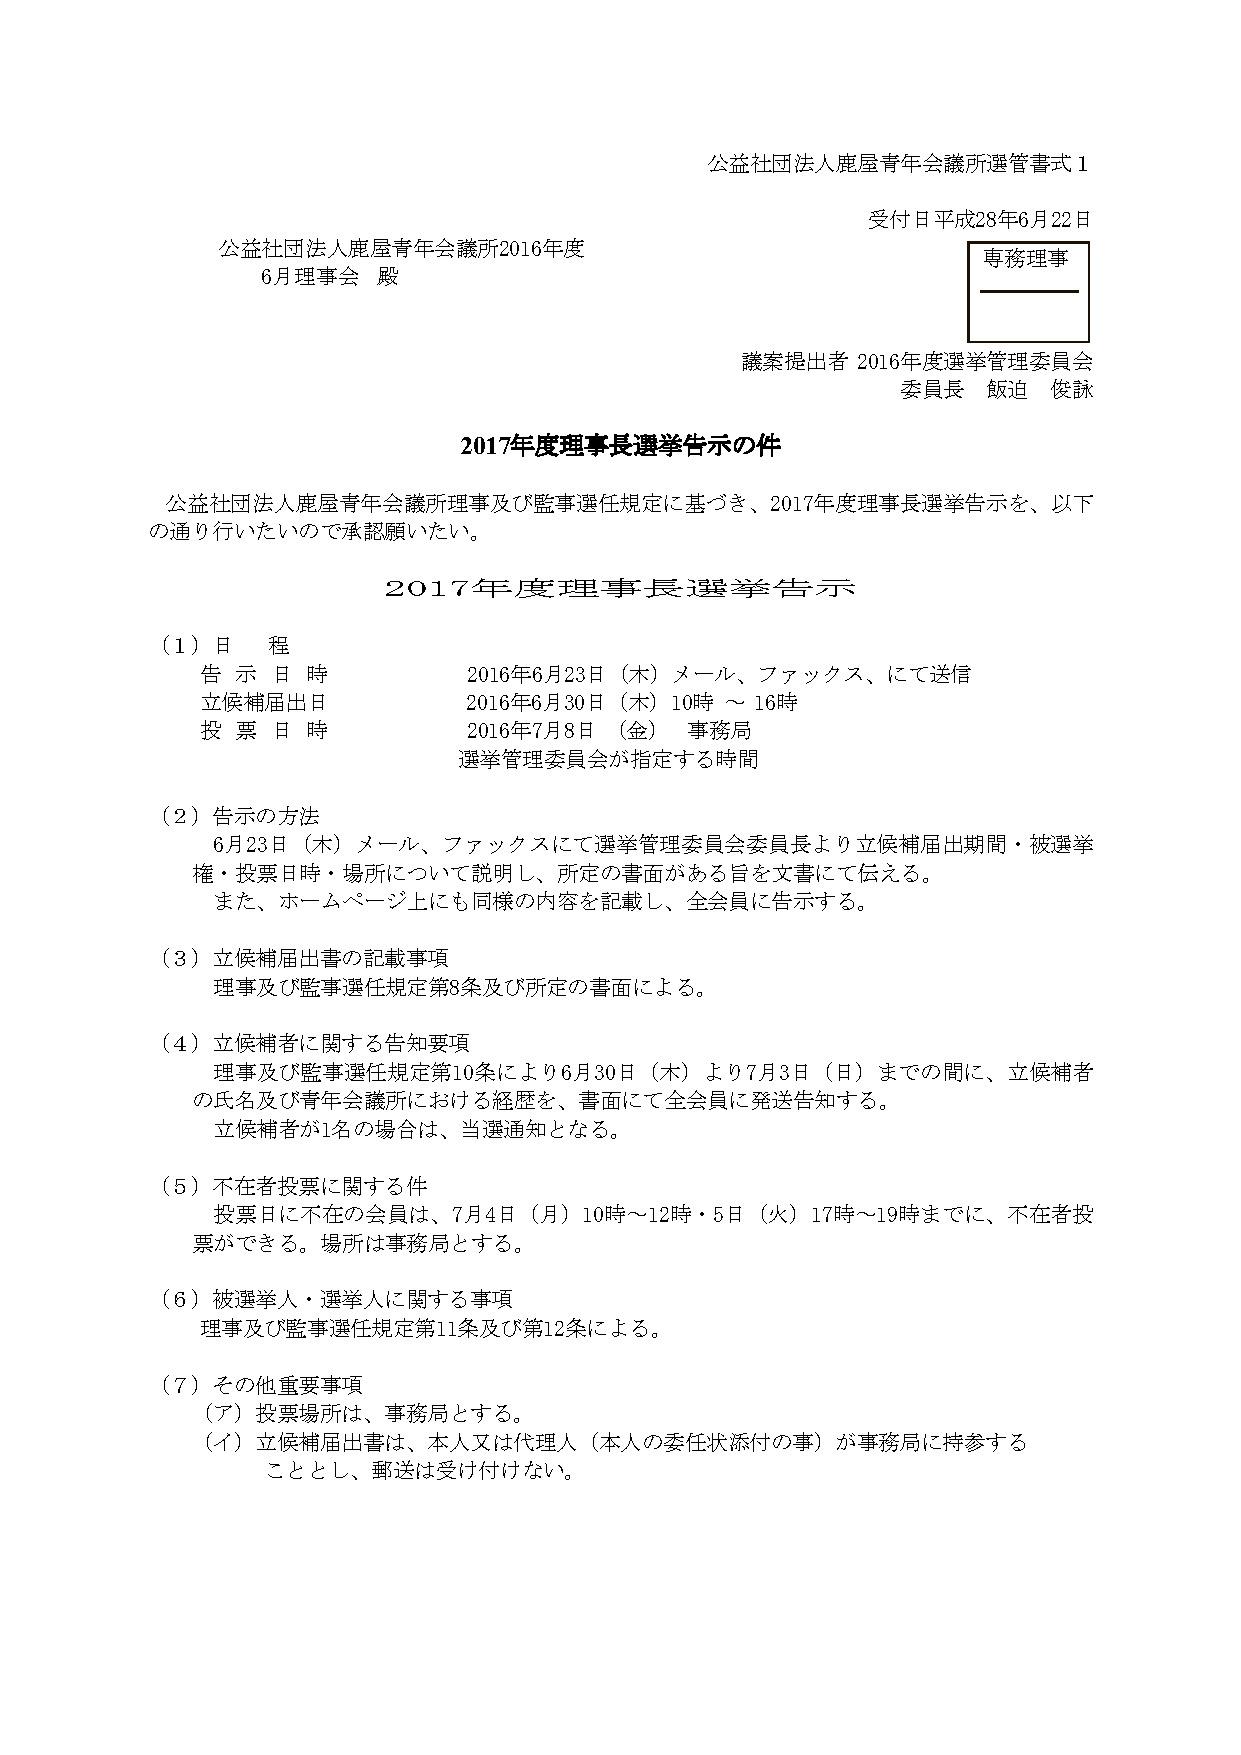 1,2理事長選挙告示2016審議20160623_ページ_1